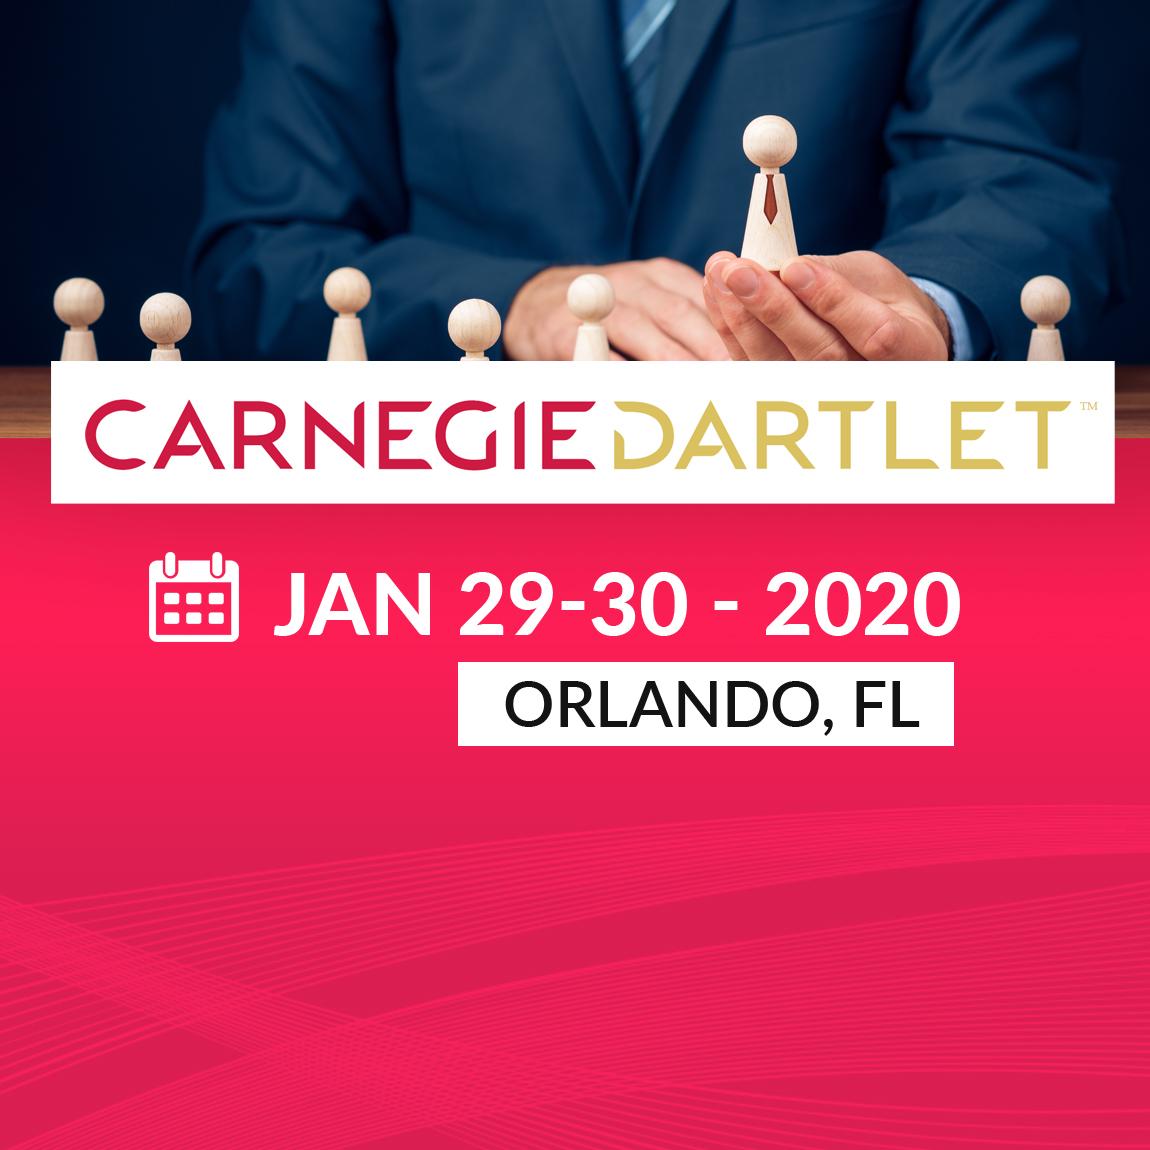 The Carnegie Dartlet Conference